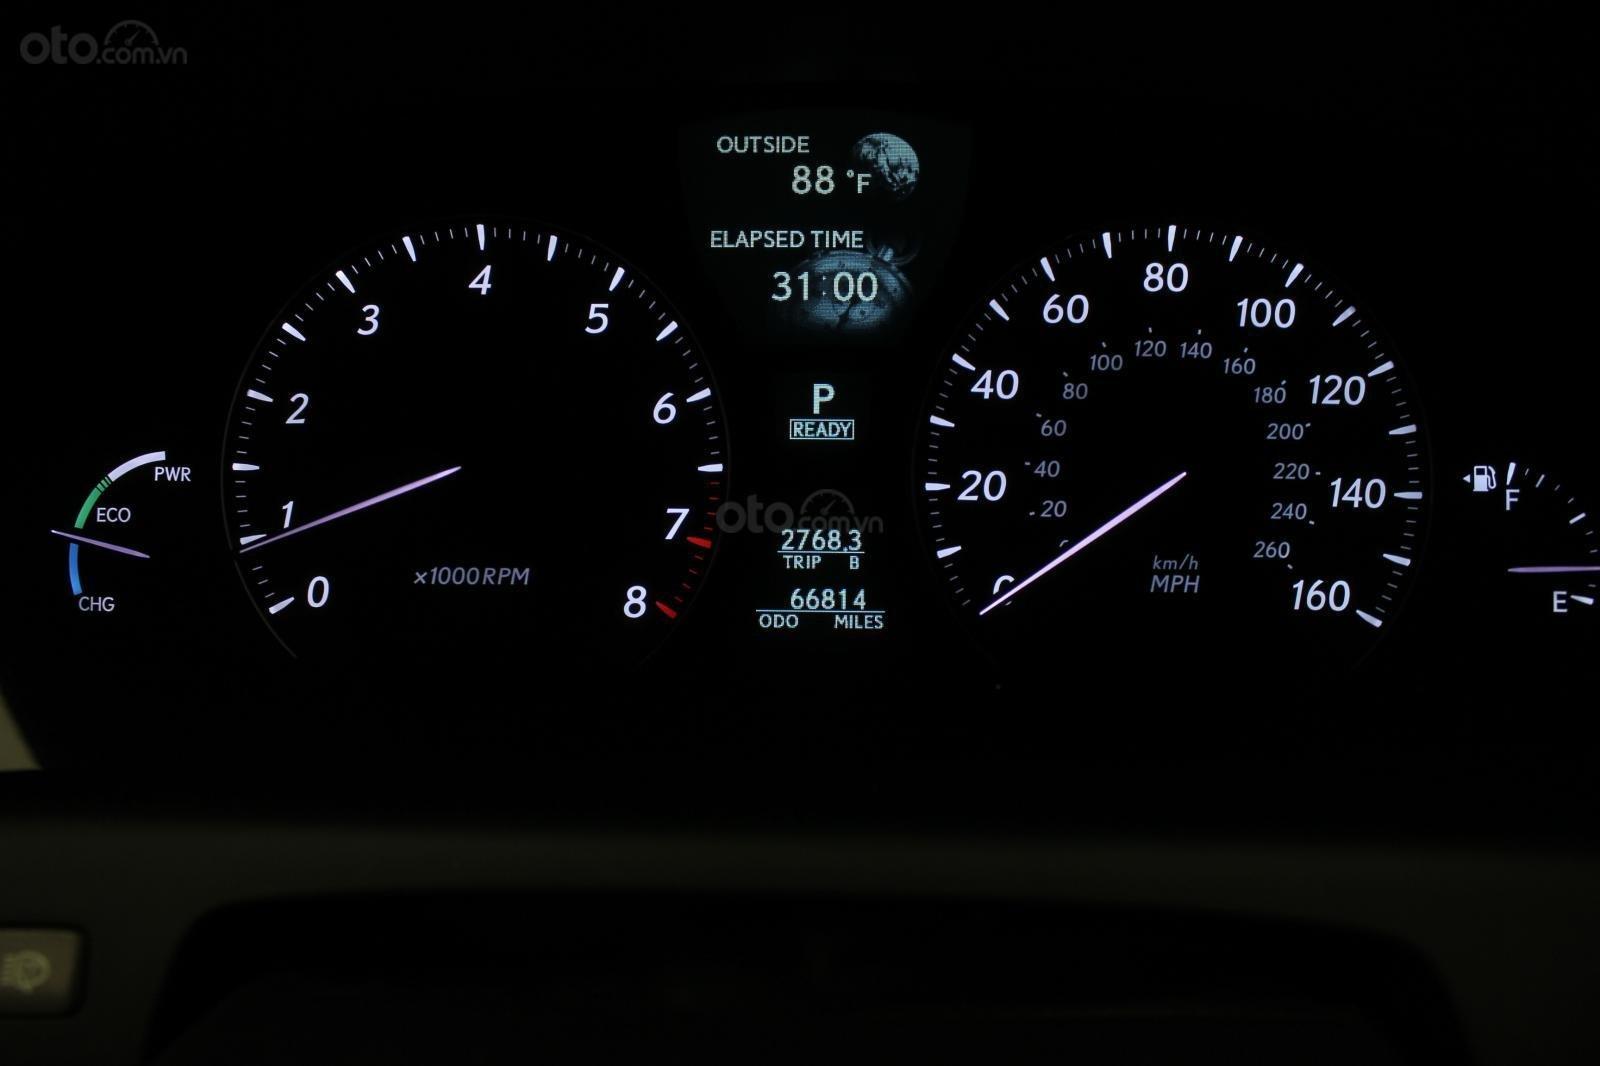 Cần bán xe Lexus LS 600HL 5.0 xăng điện 2008, màu vàng, nhập khẩu (9)